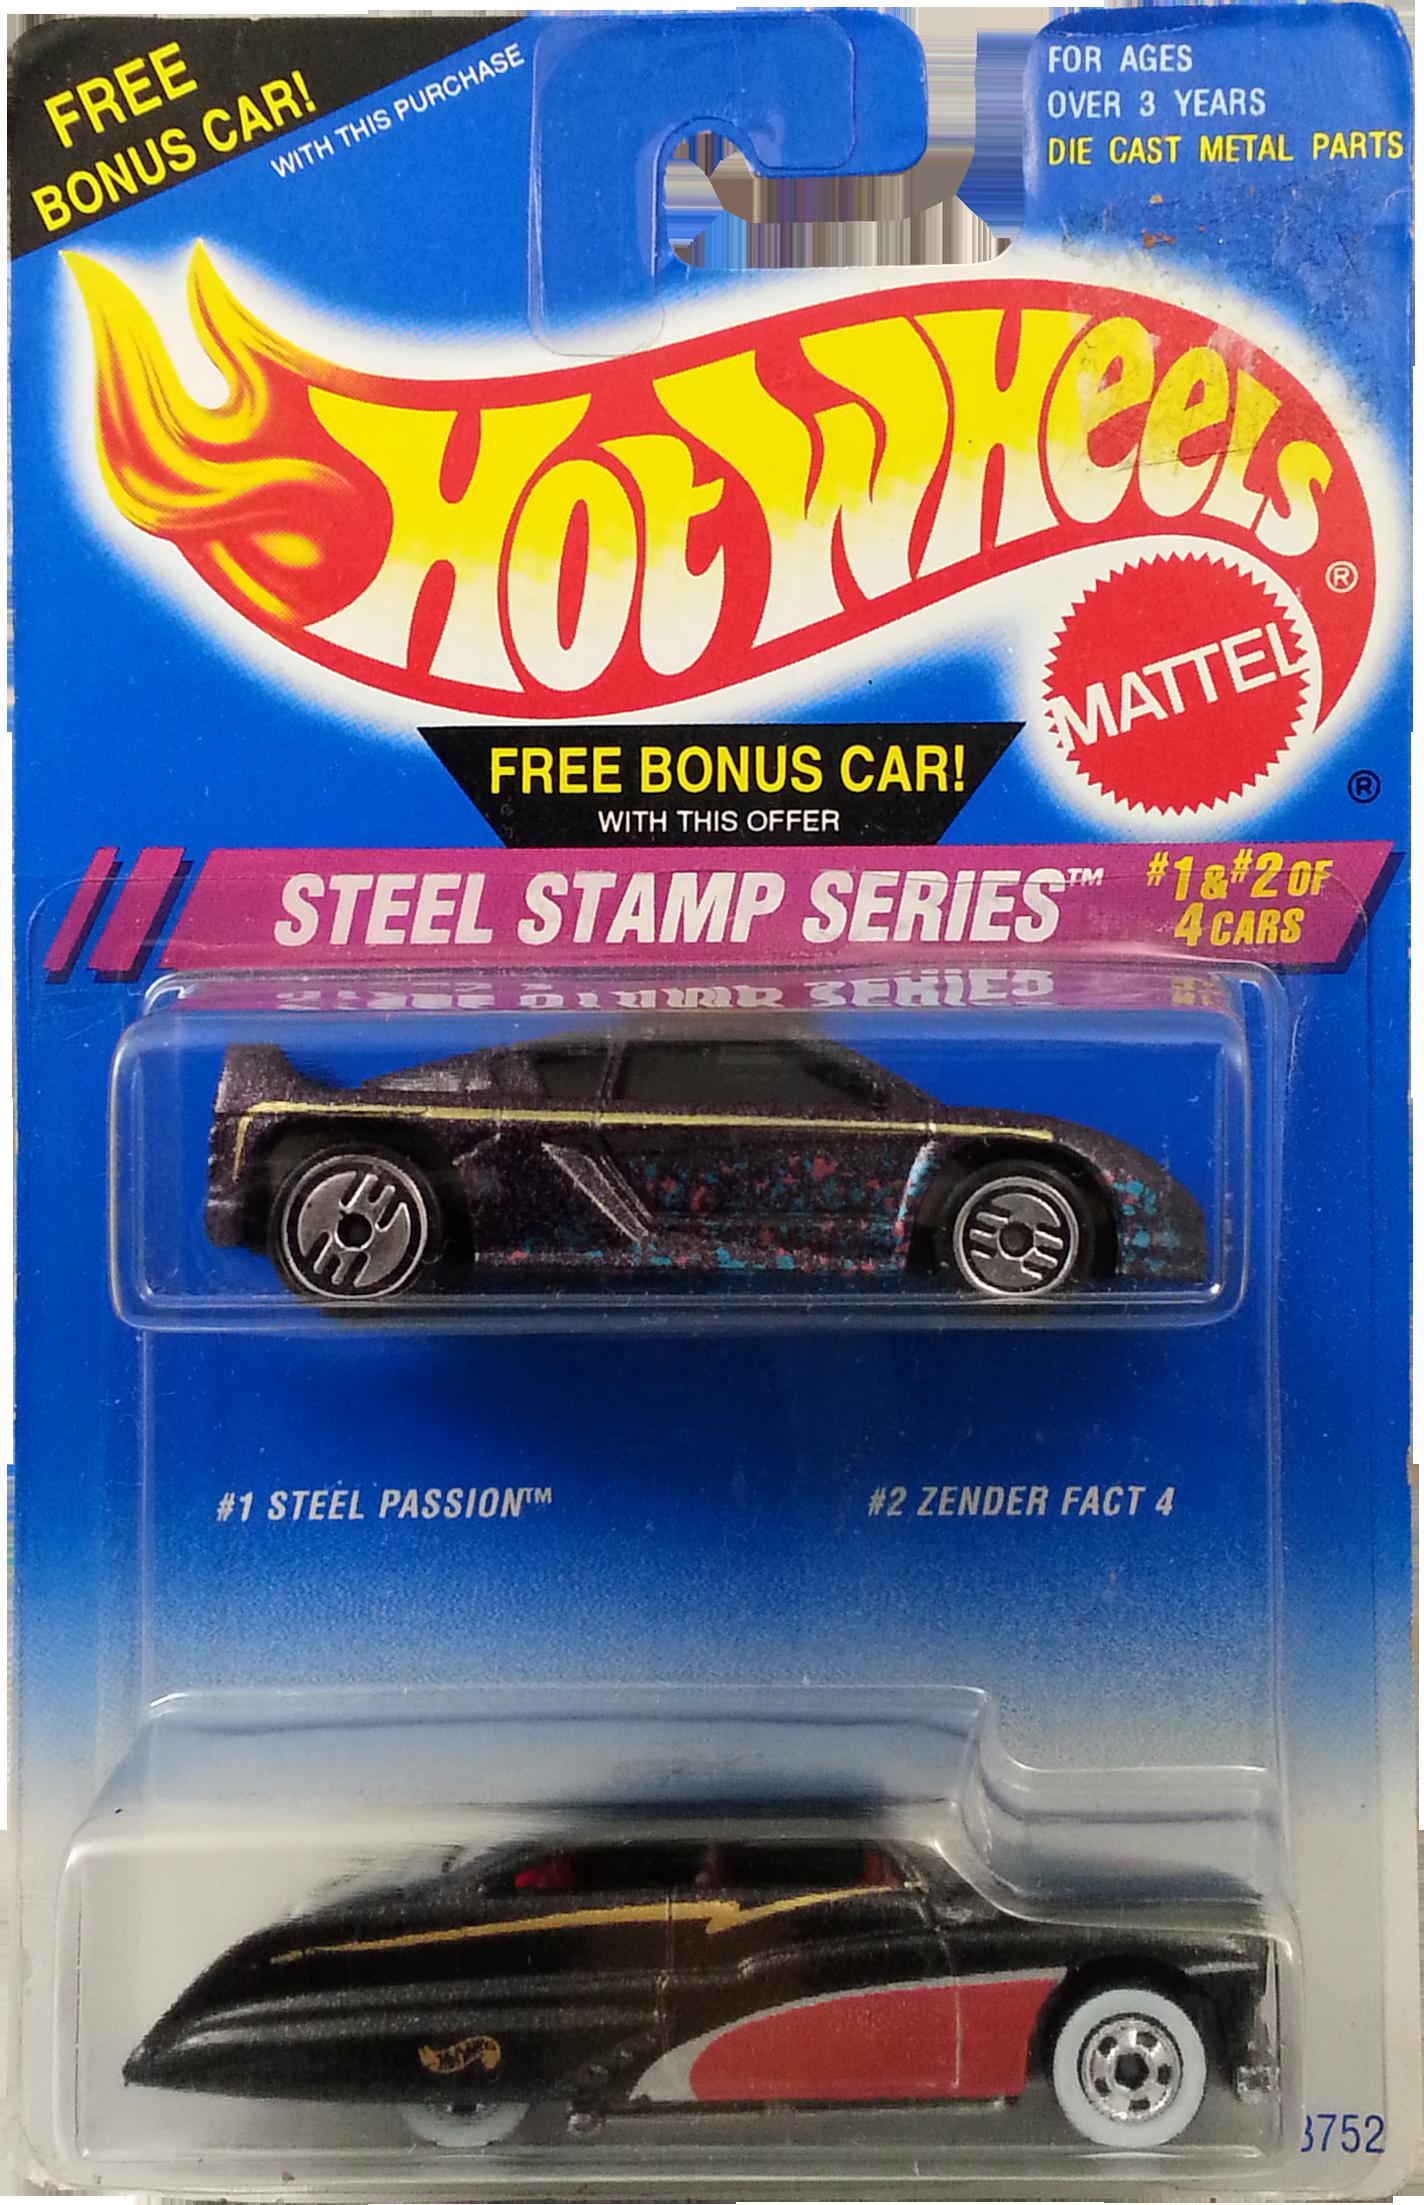 Steel Stamp Series 2-Pack